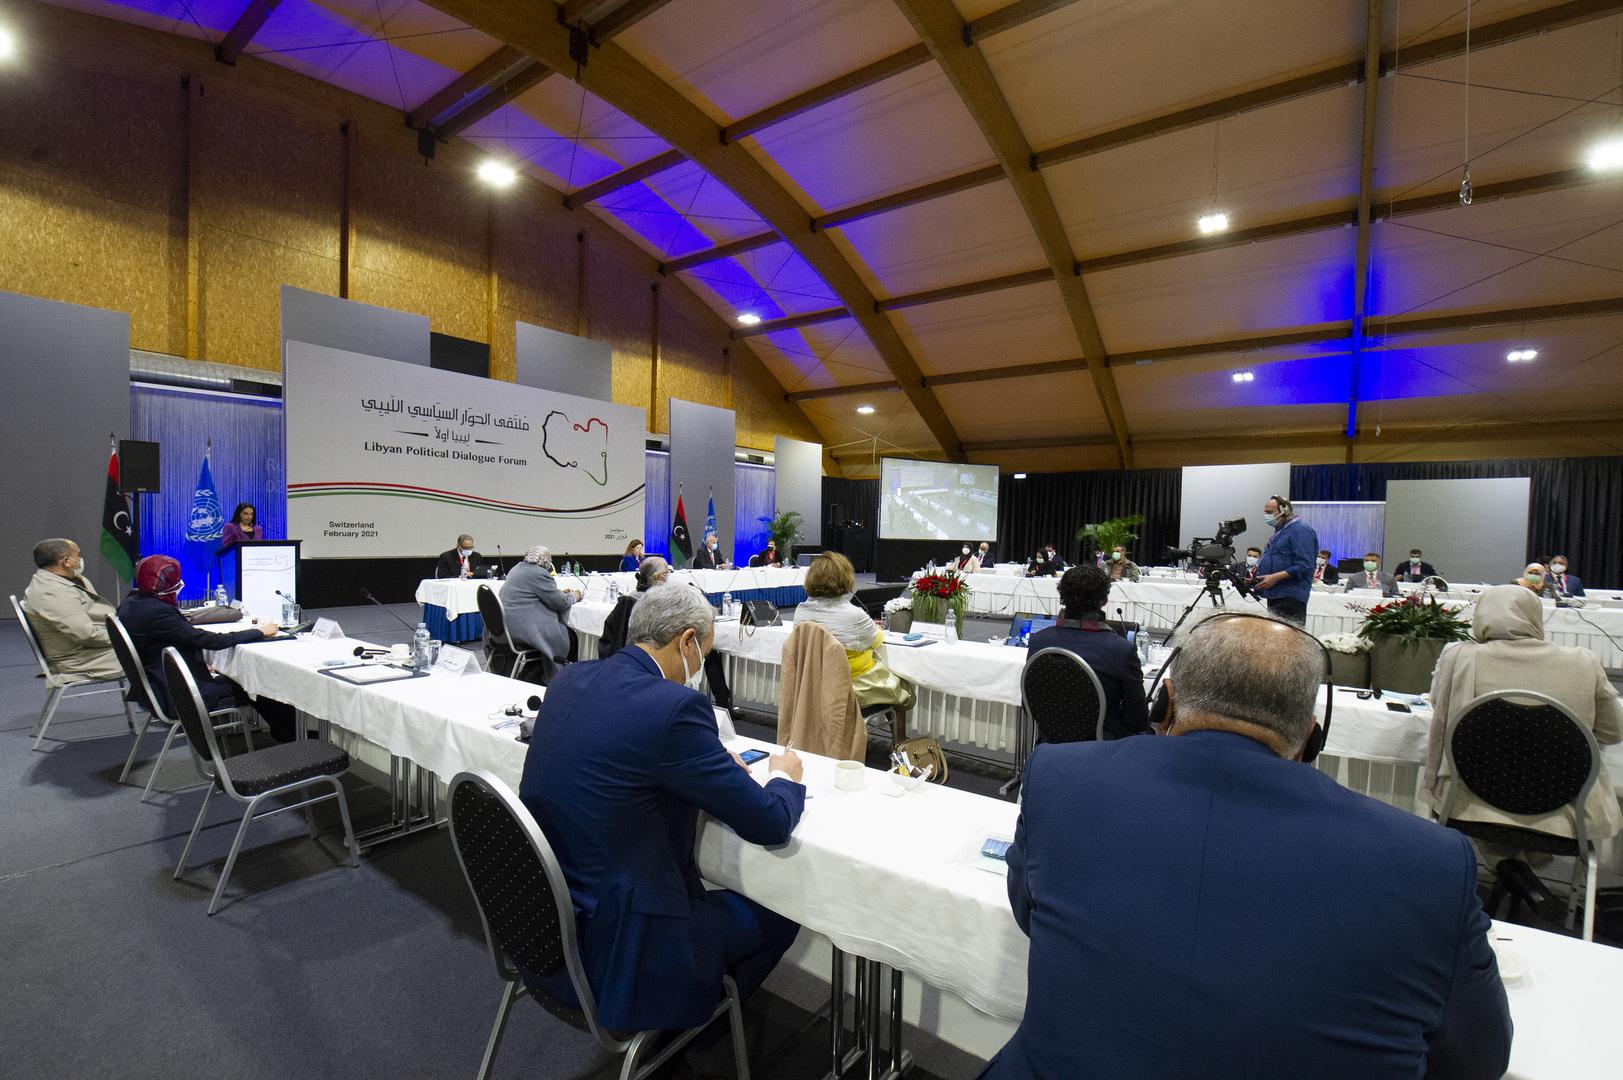 جولة انتخابات ثانية أمام ولادة السلطة التنفيذية الجديدة في ليبيا